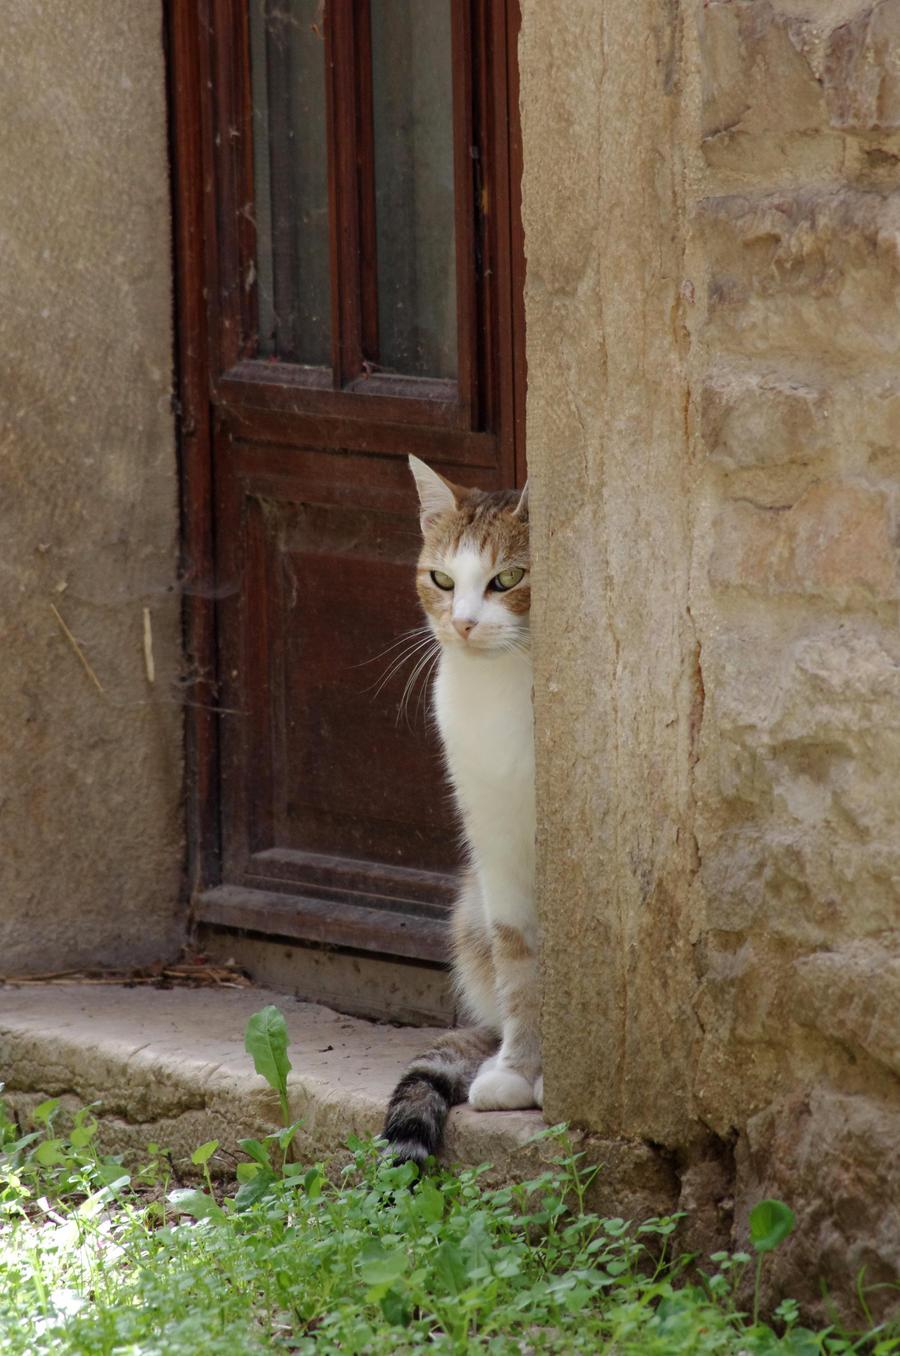 Sneaky Cat By Arayashikinoshaka On DeviantArt